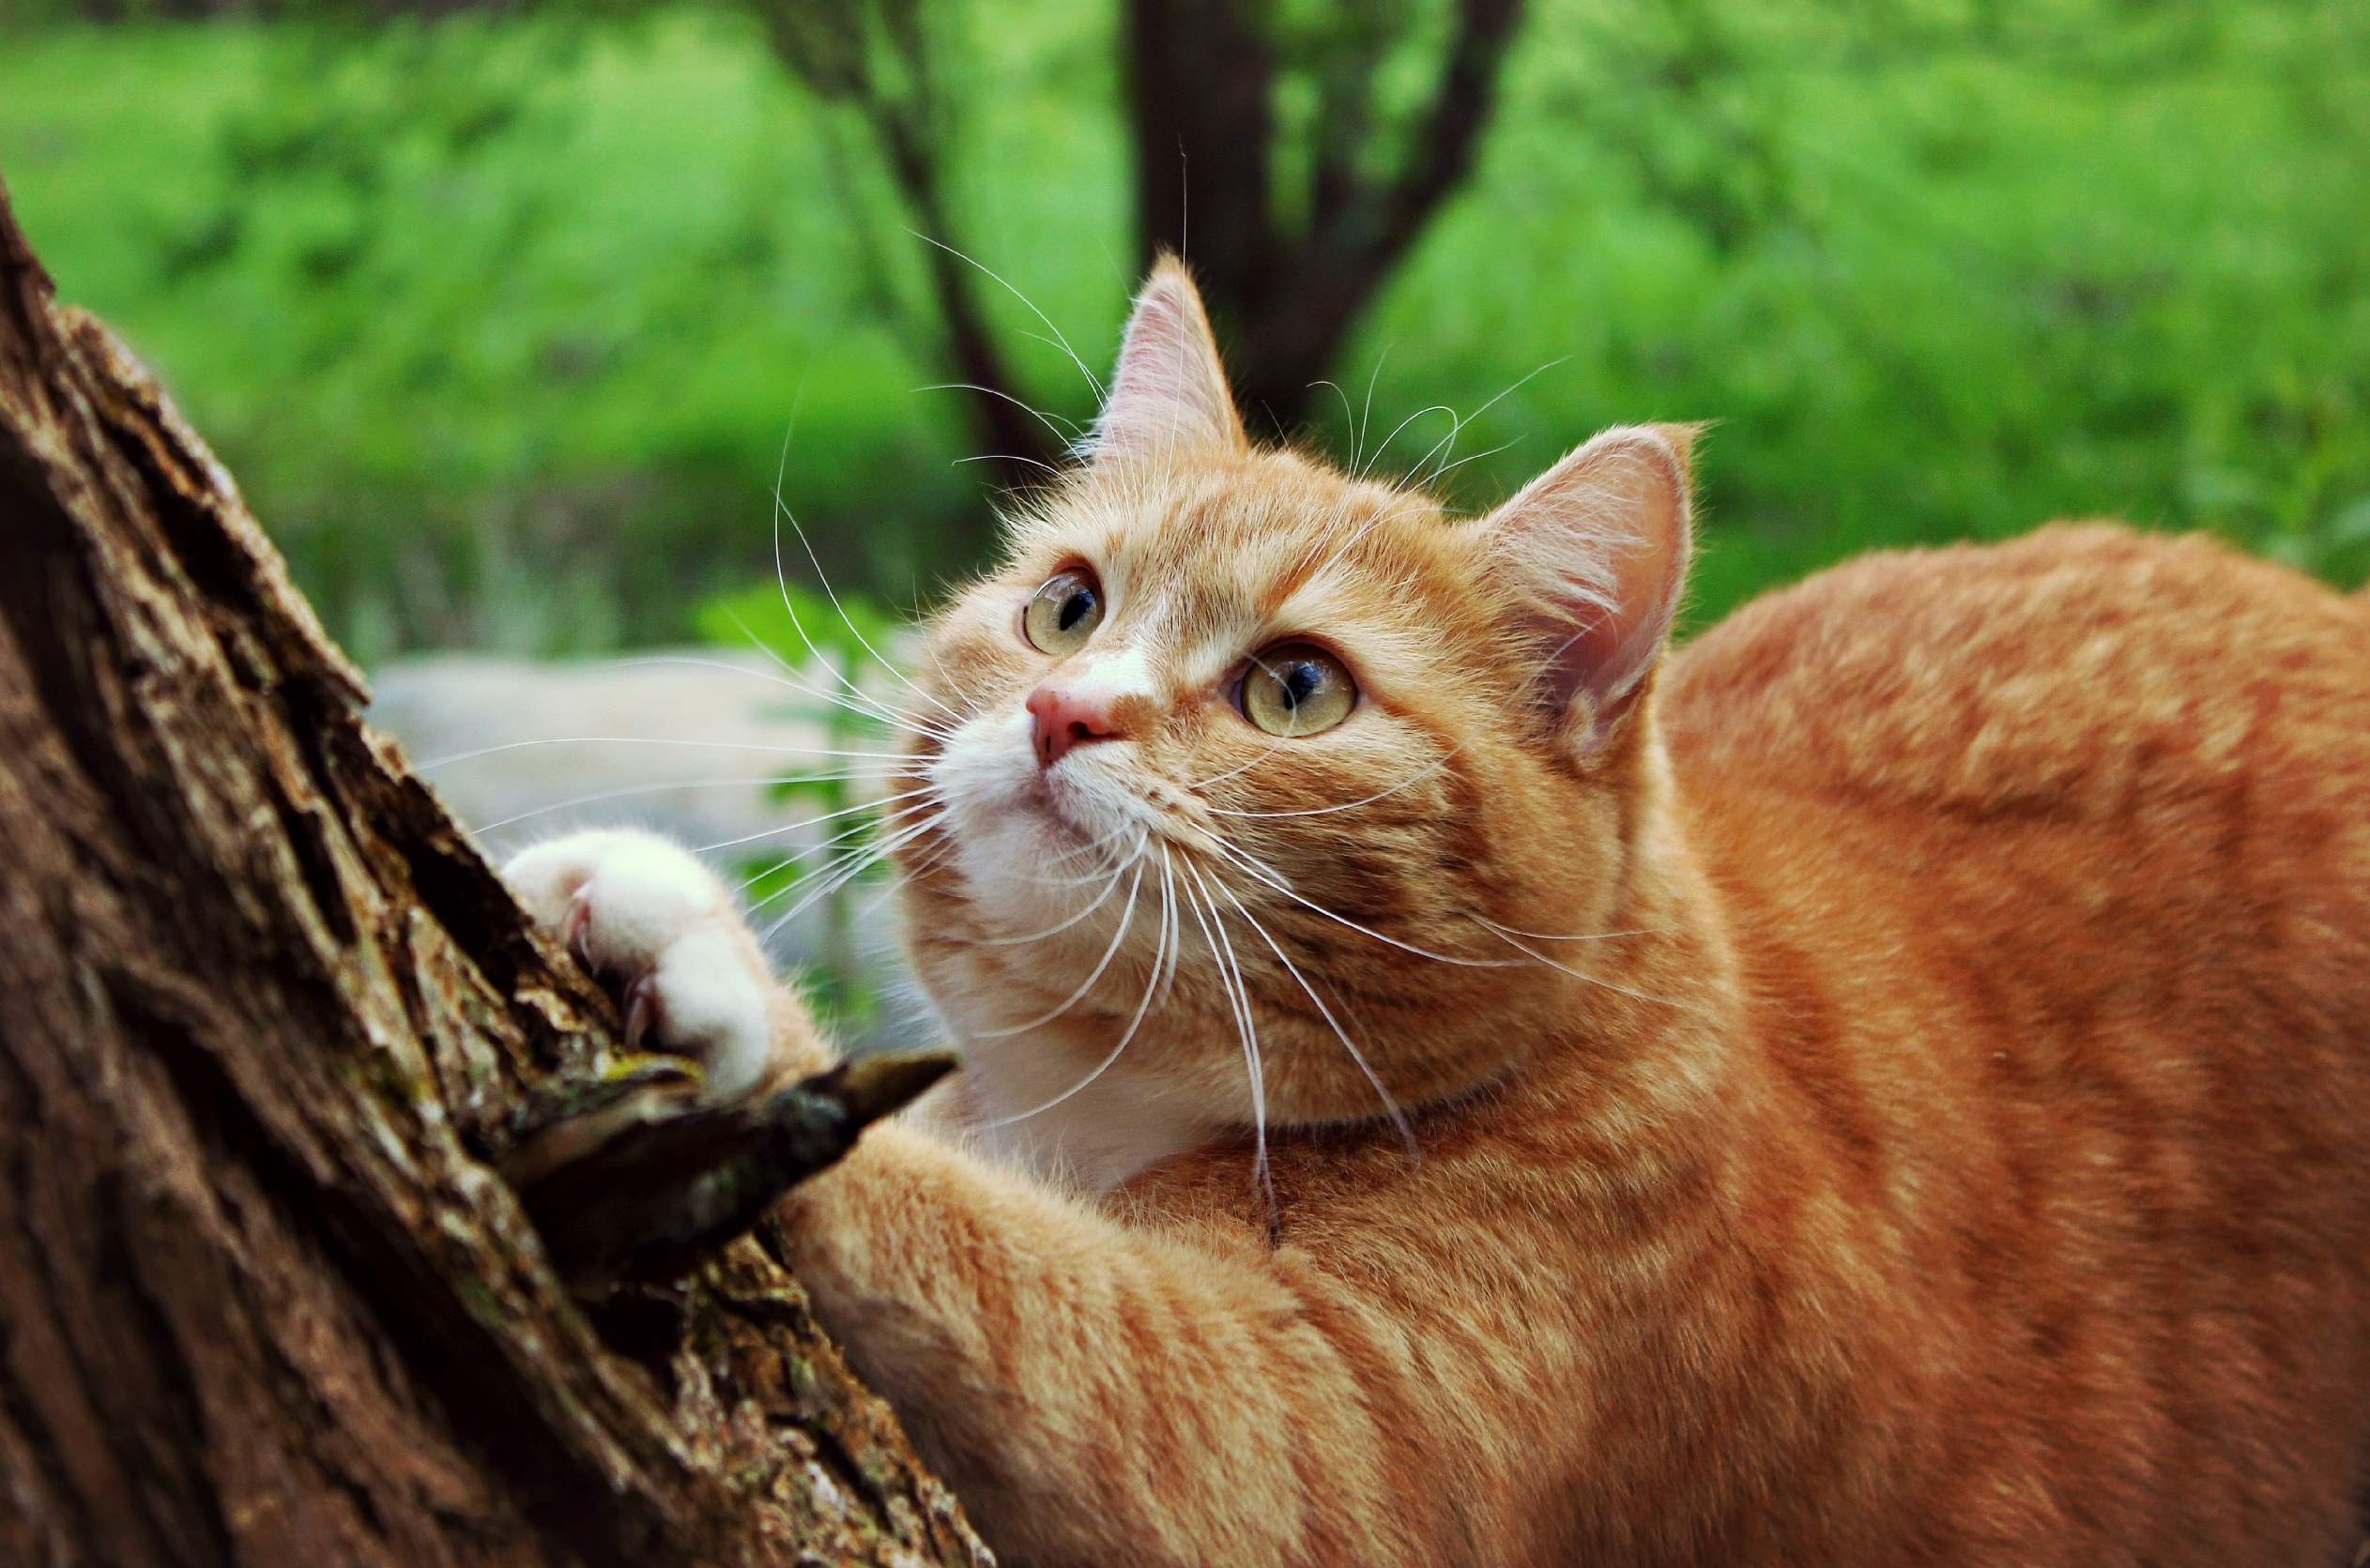 природа животные рыжий кот  № 941064 без смс